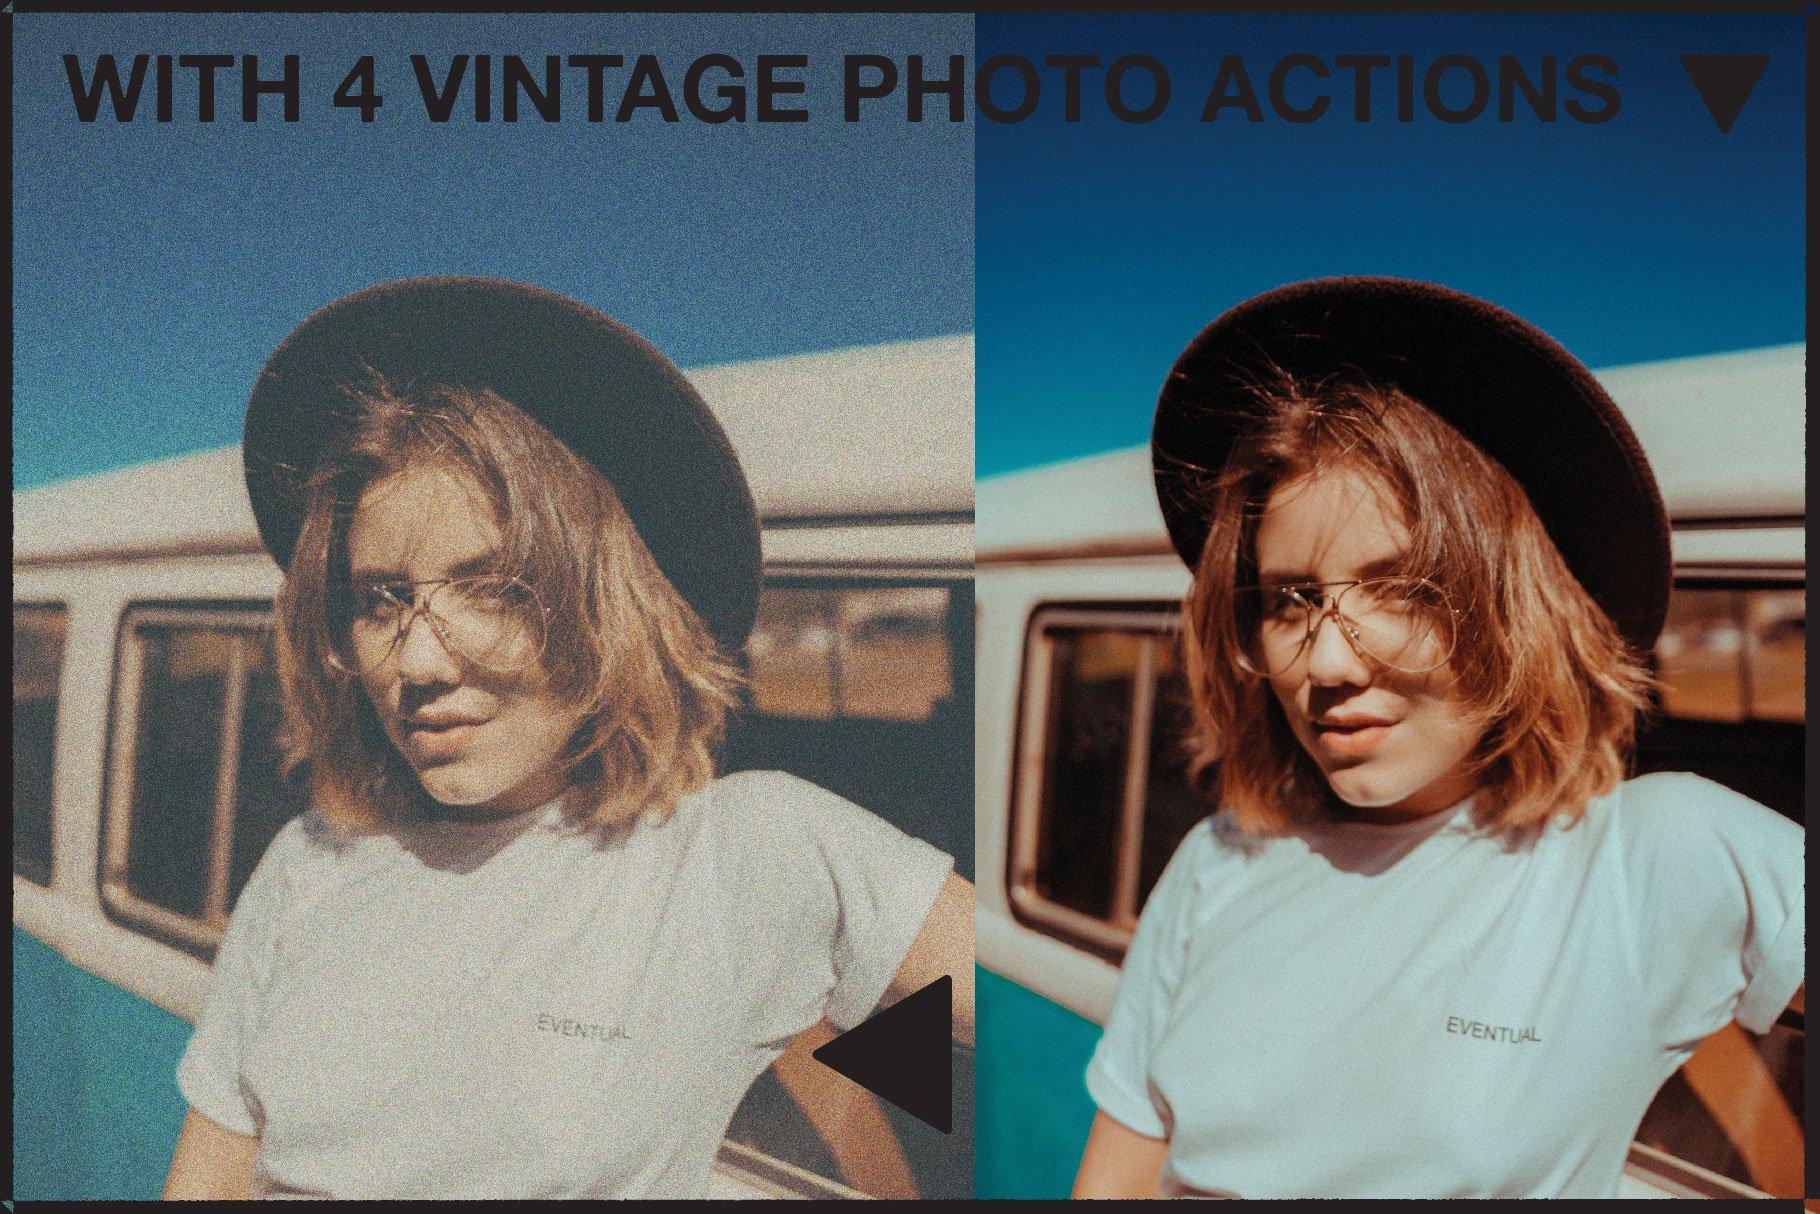 复古老式胶片胶卷边框图层叠加样机照片处理动作模板 Vintage Film Photo Mockup Bundle插图(3)